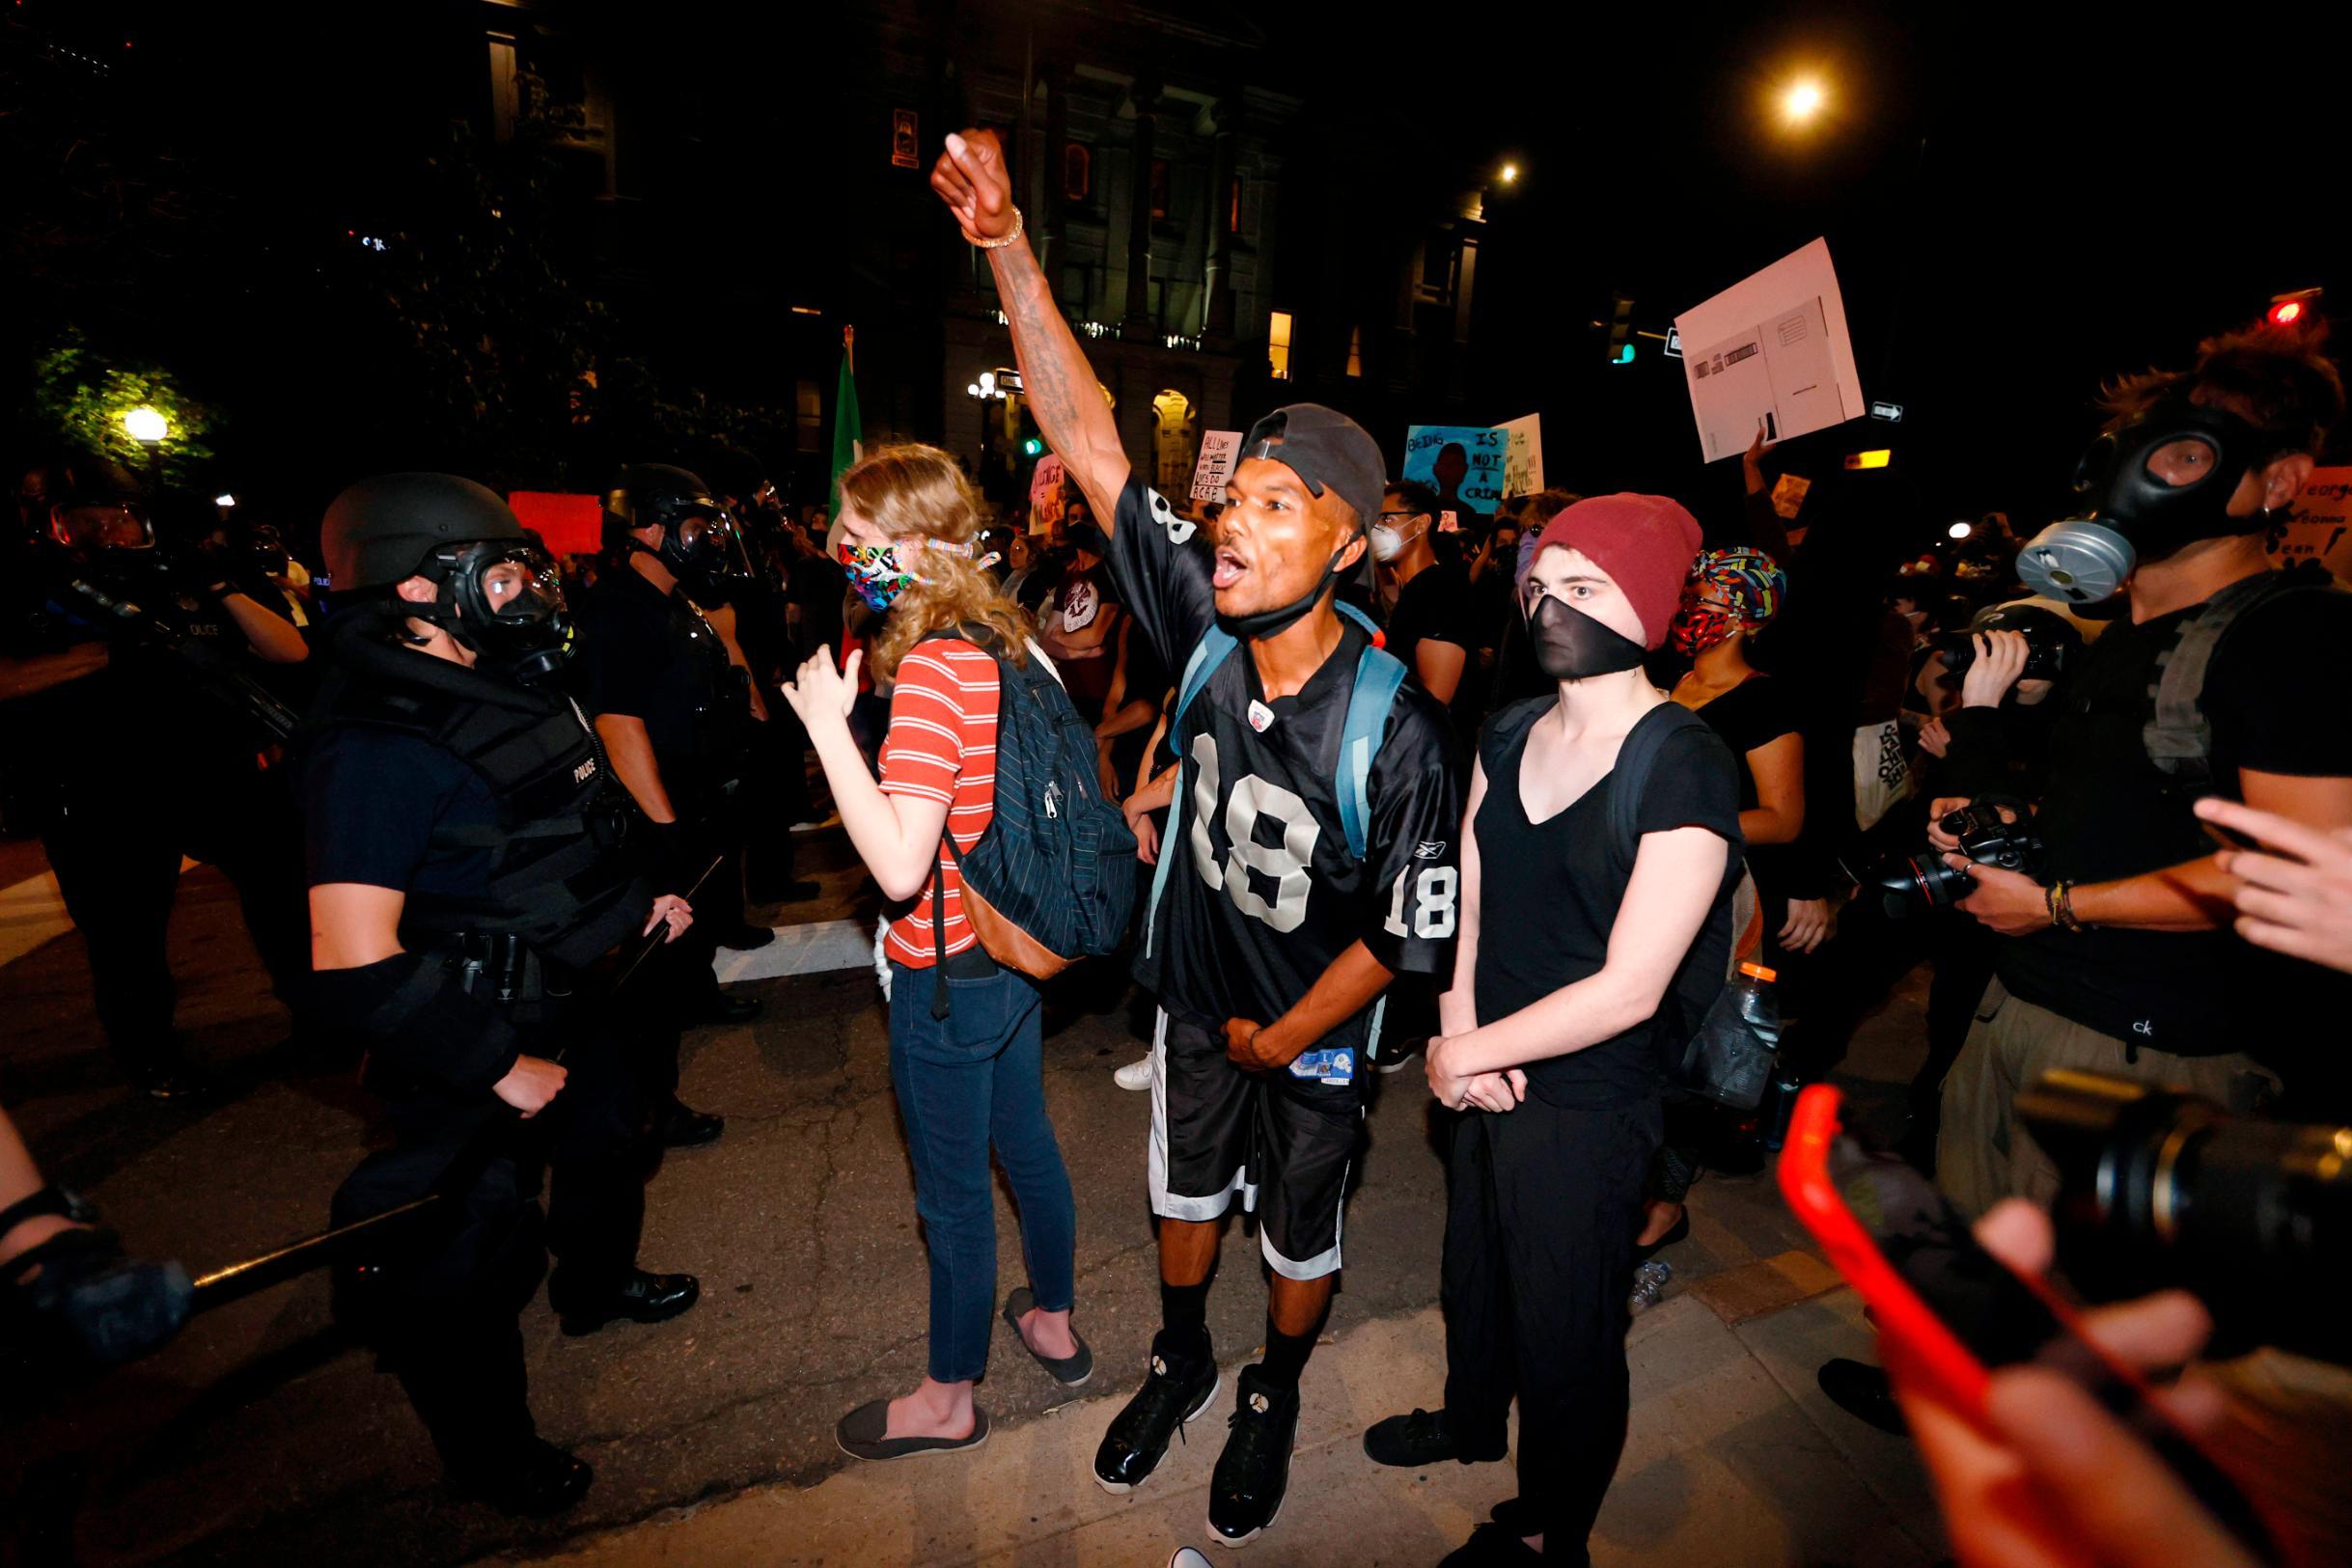 Manifestantes protestam em Denver (EUA) após a morte de George Floyd